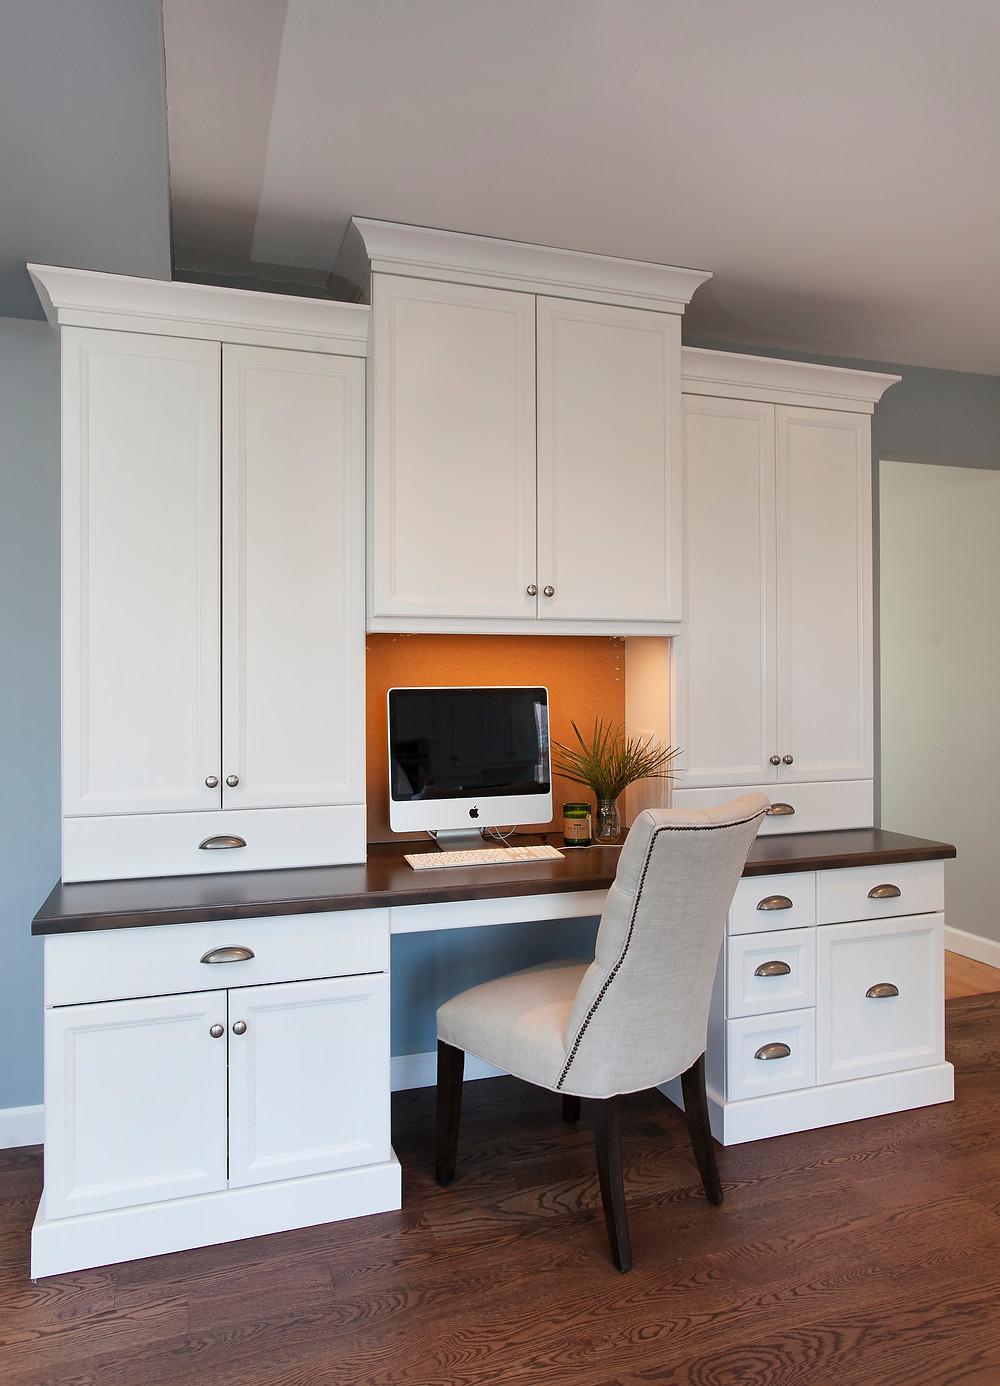 Built-in desk in white kitchen